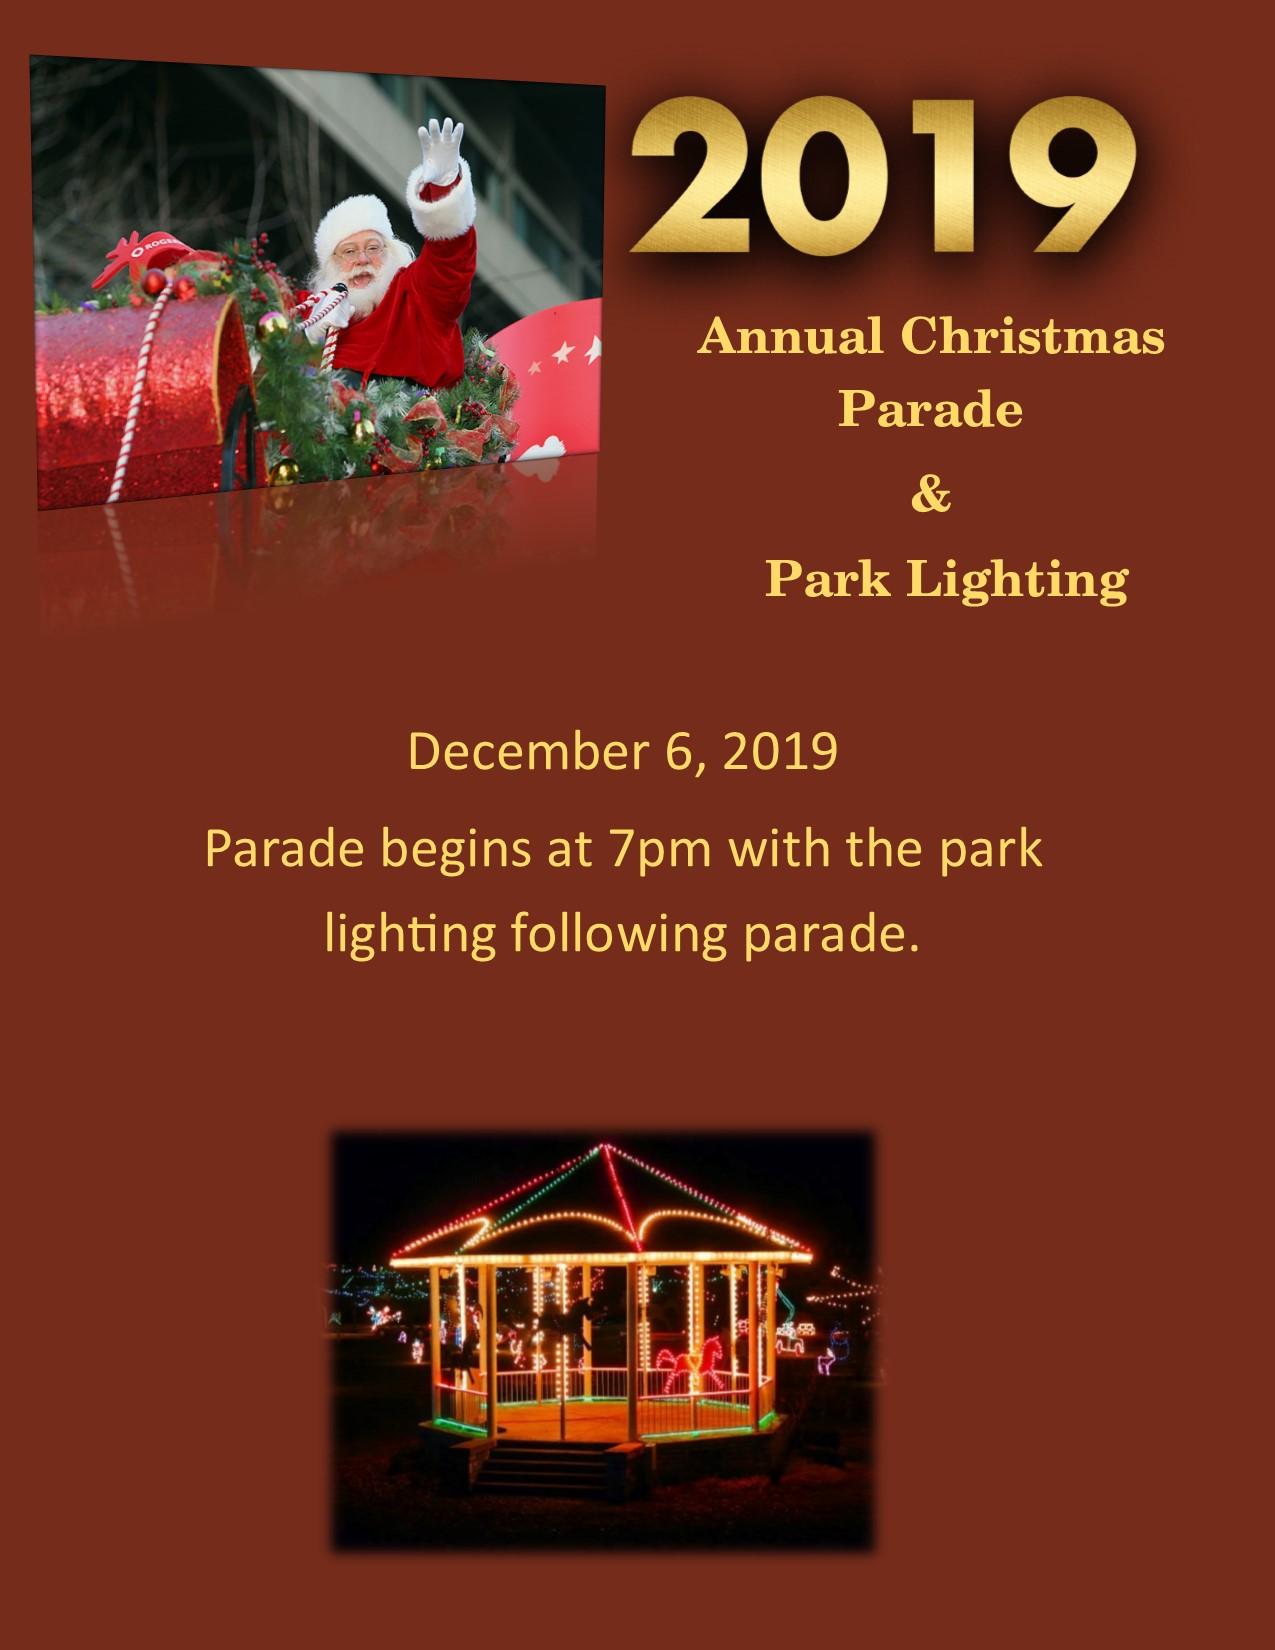 Annual Christmas Parade & Park Lighting